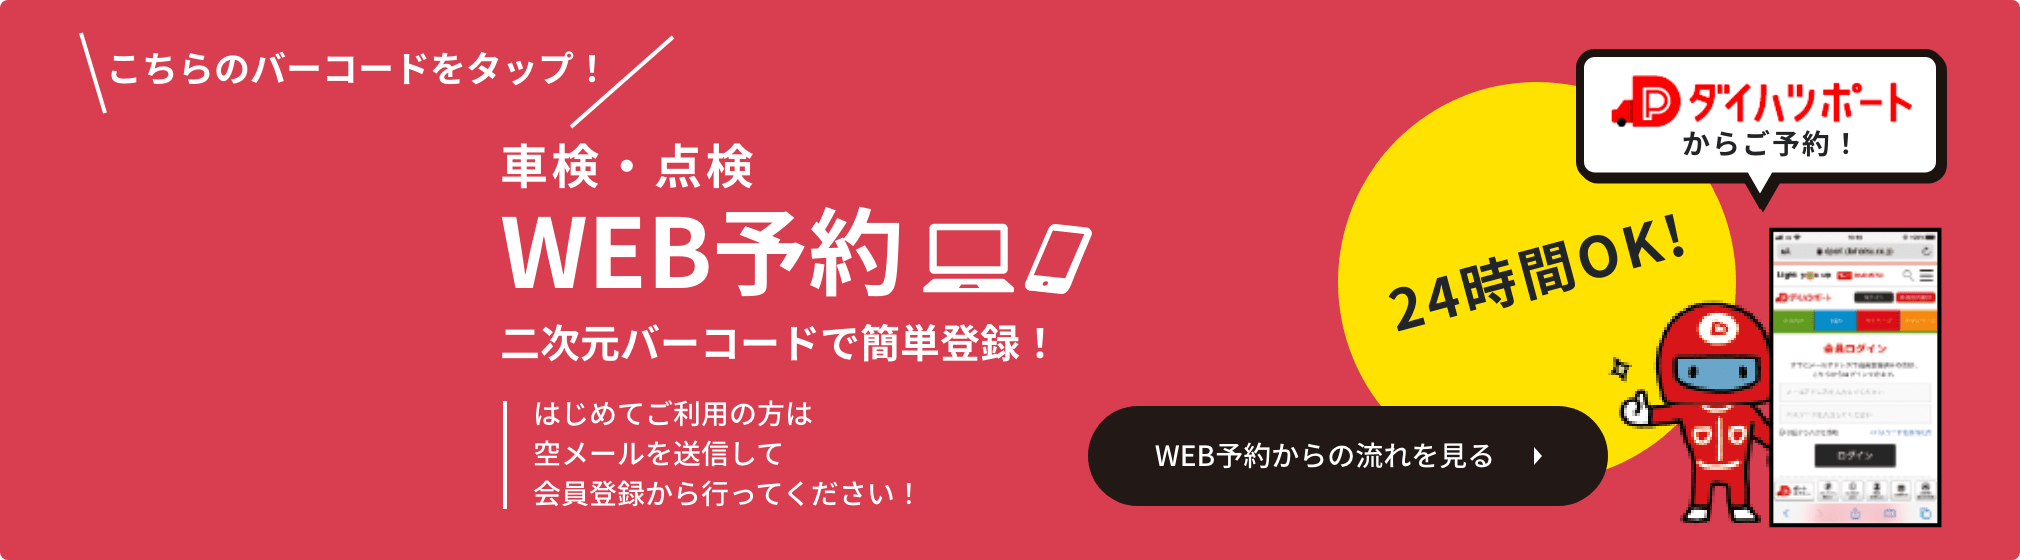 車検・点検WEB予約